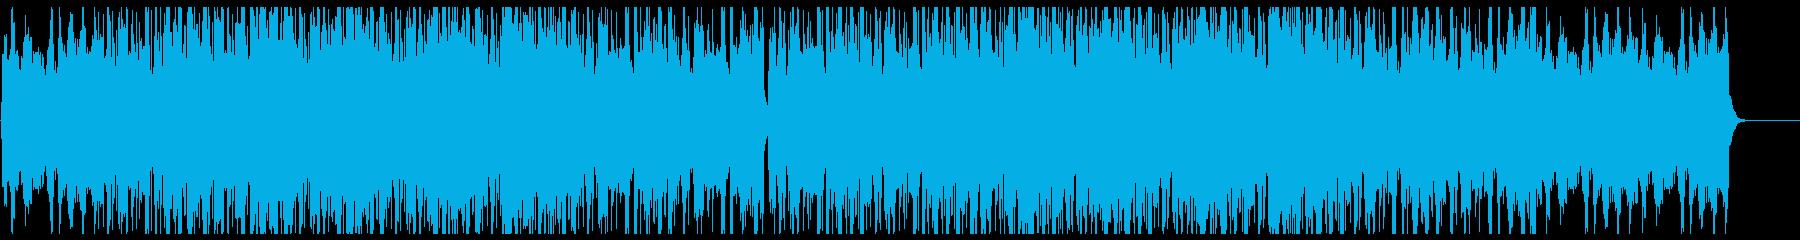 幻想的エレクトロビートトラックの再生済みの波形